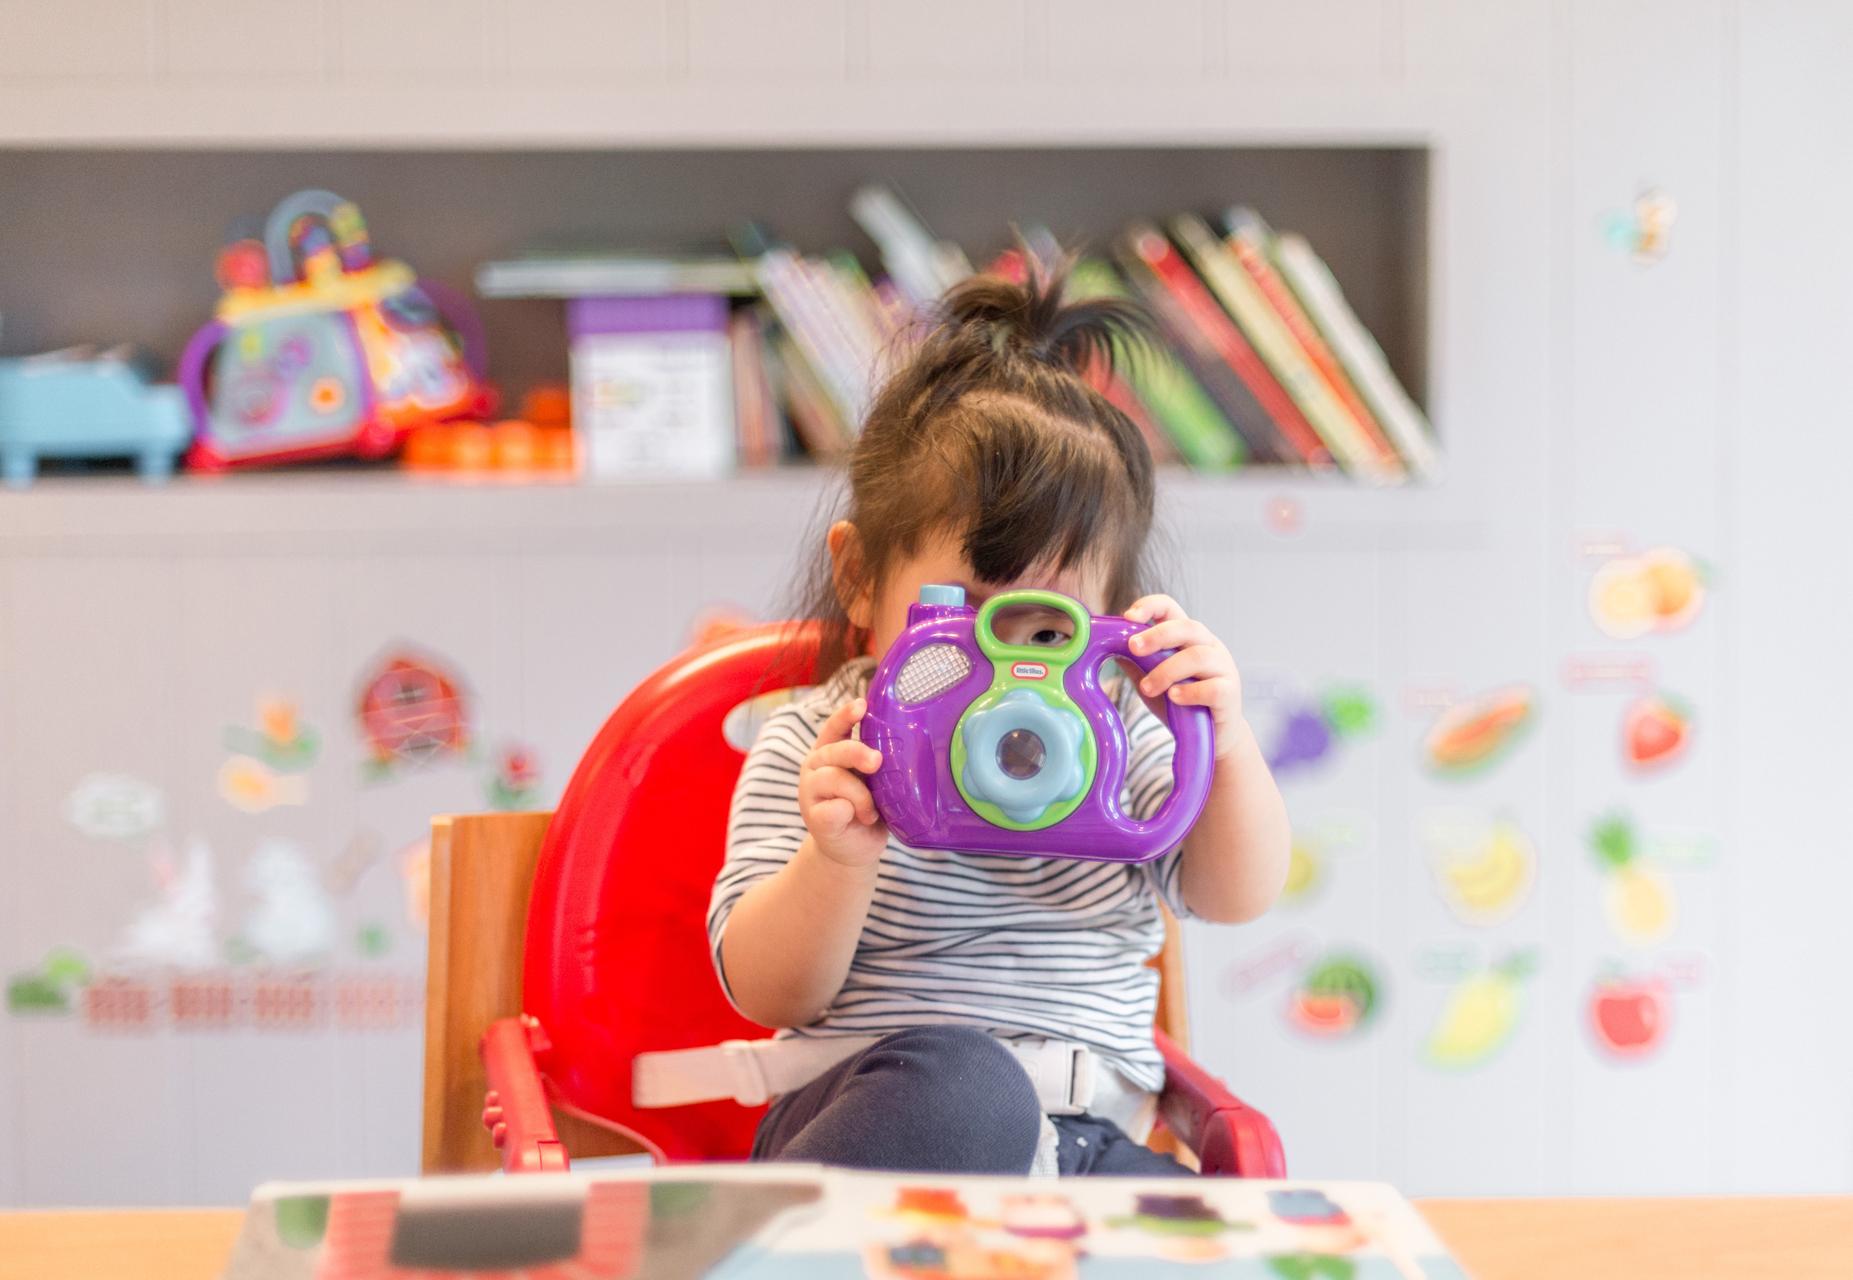 Pikku tyttö katsoo lelukameran linssin läpi